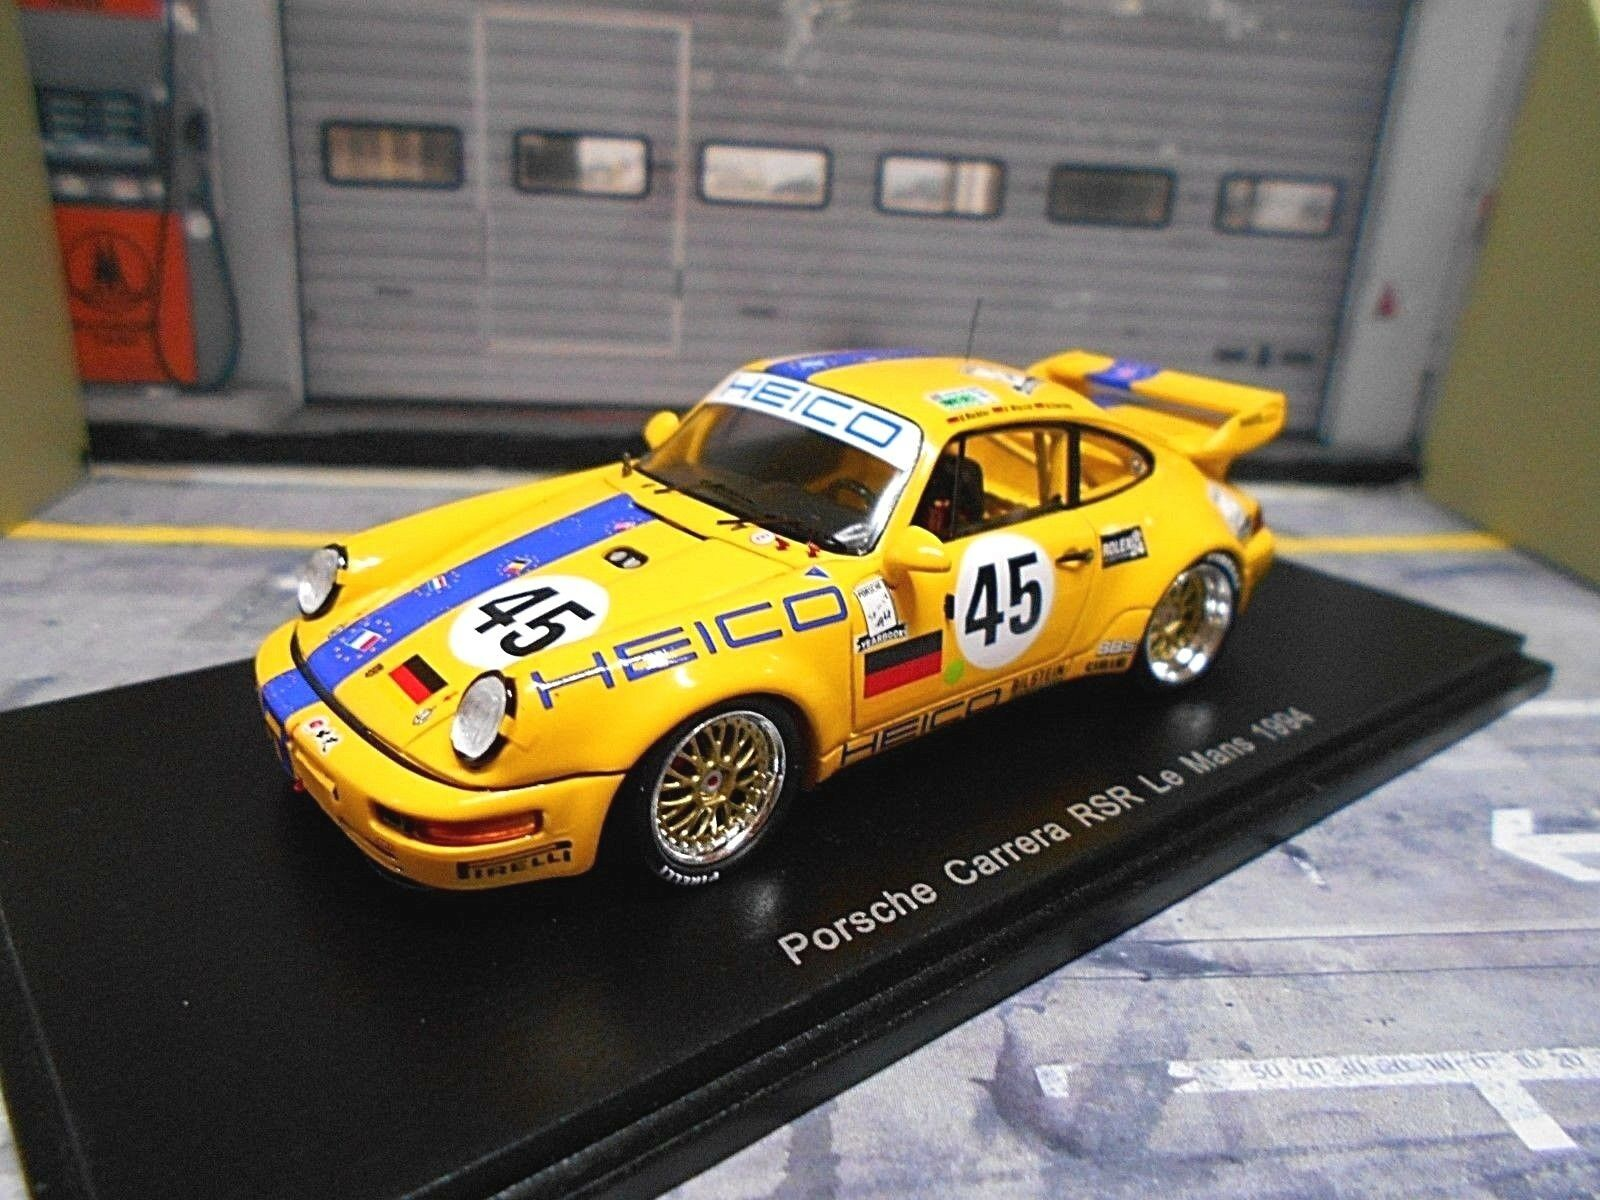 Porsche 911 964 Carrera RSR  45 le Mans 1994 Heico juge Ebeling WL Spark 1 43